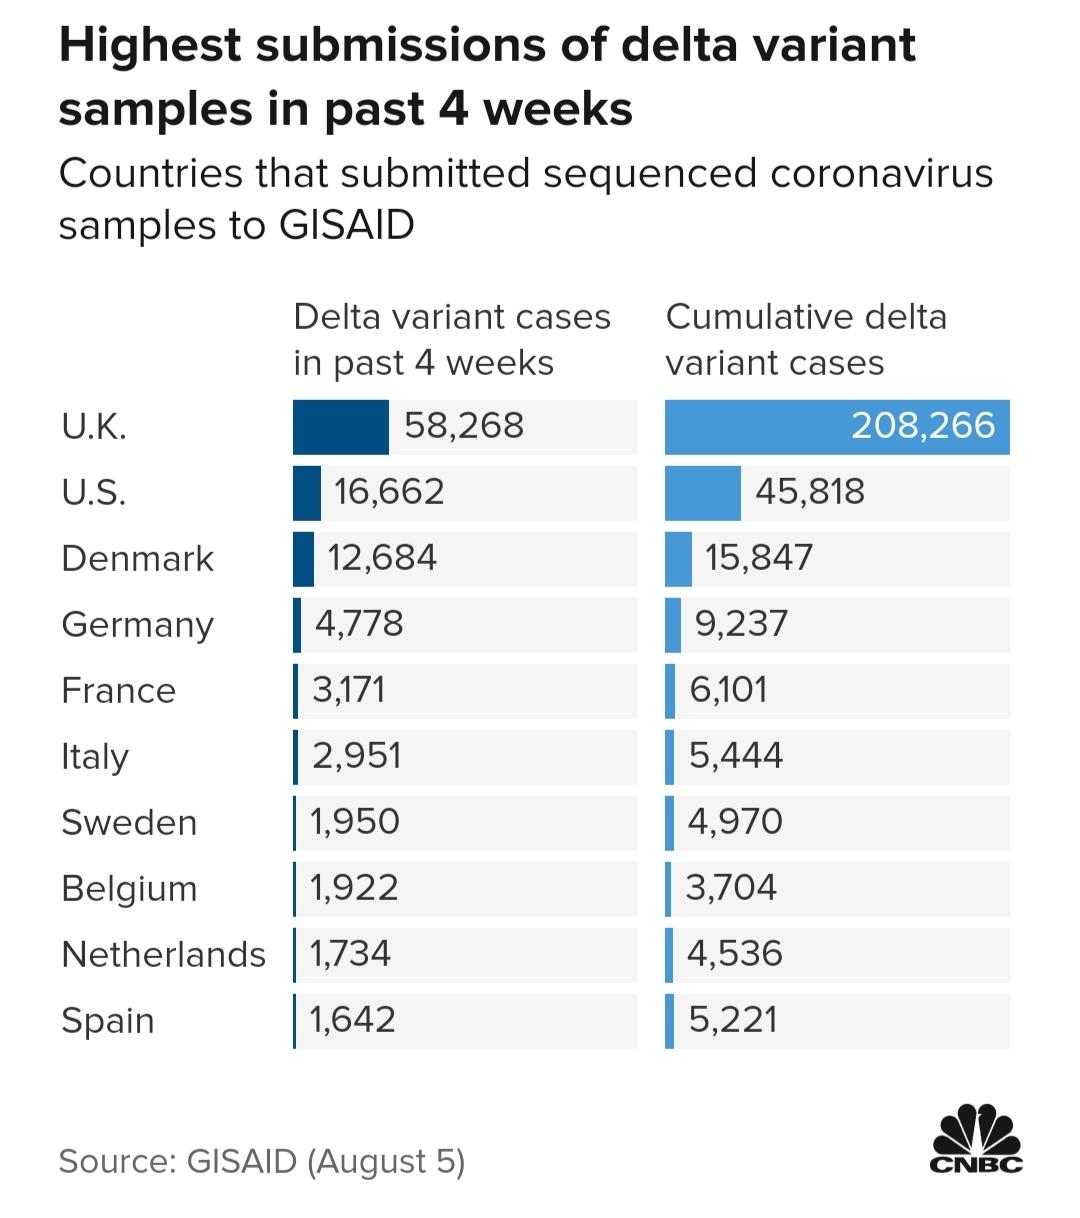 Số lượt gửi mẫu biến thể của các nước tới GISAID trong 4 tuần vừa qua